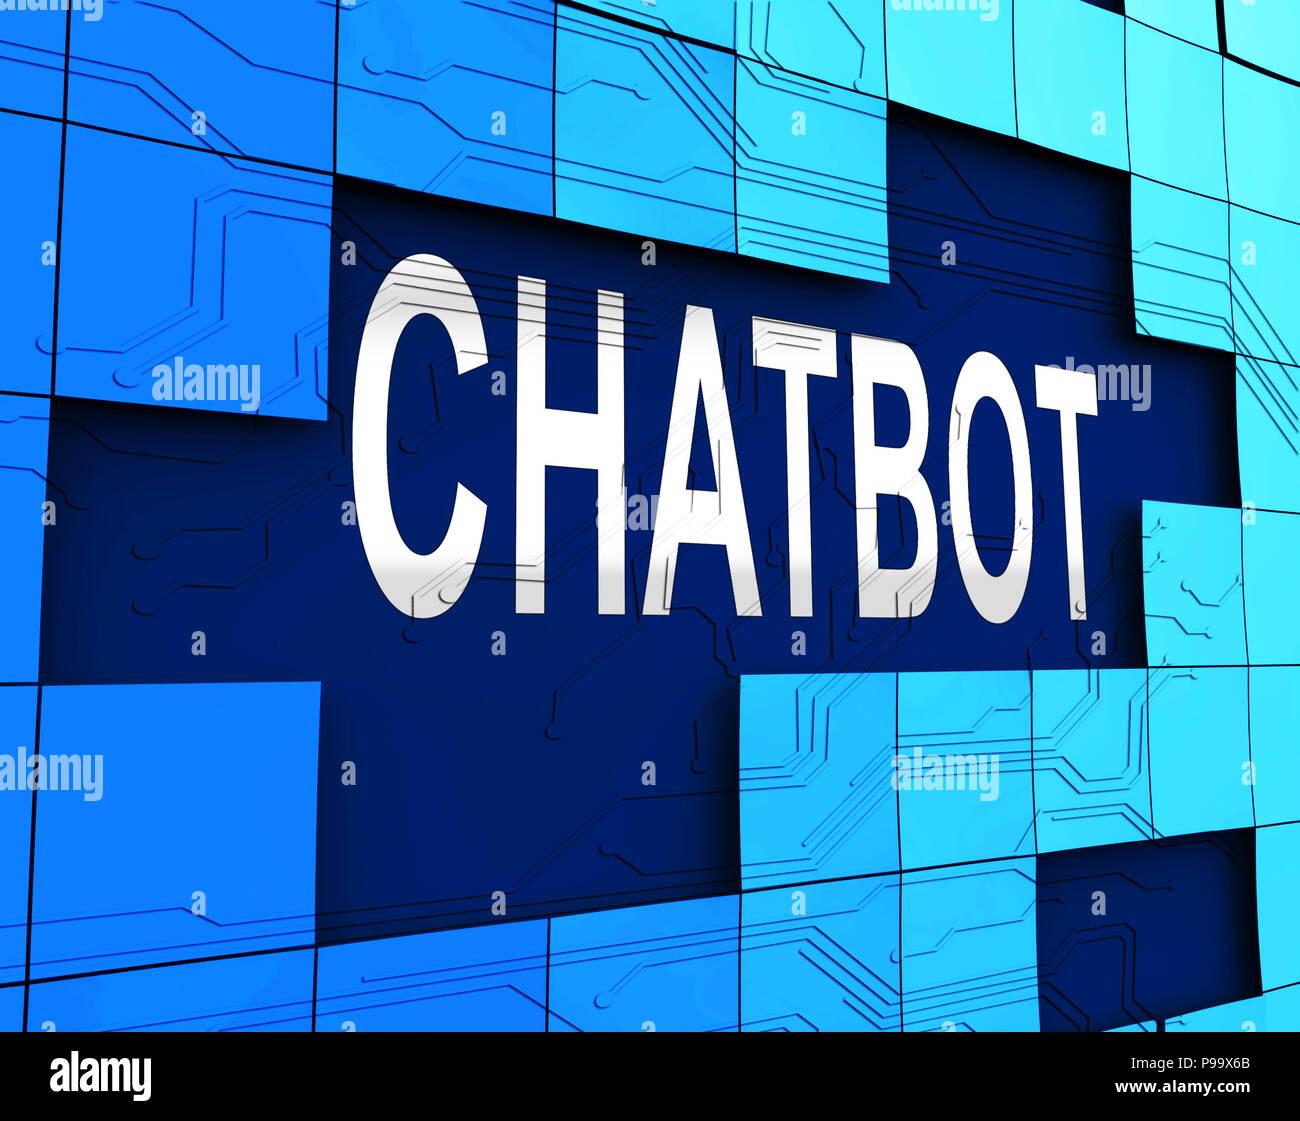 Icono de chat Bot Ayudante Chatbot Artificial 3D Rendering Shows Online Robot apoyo y automatización de robots virtuales Foto de stock